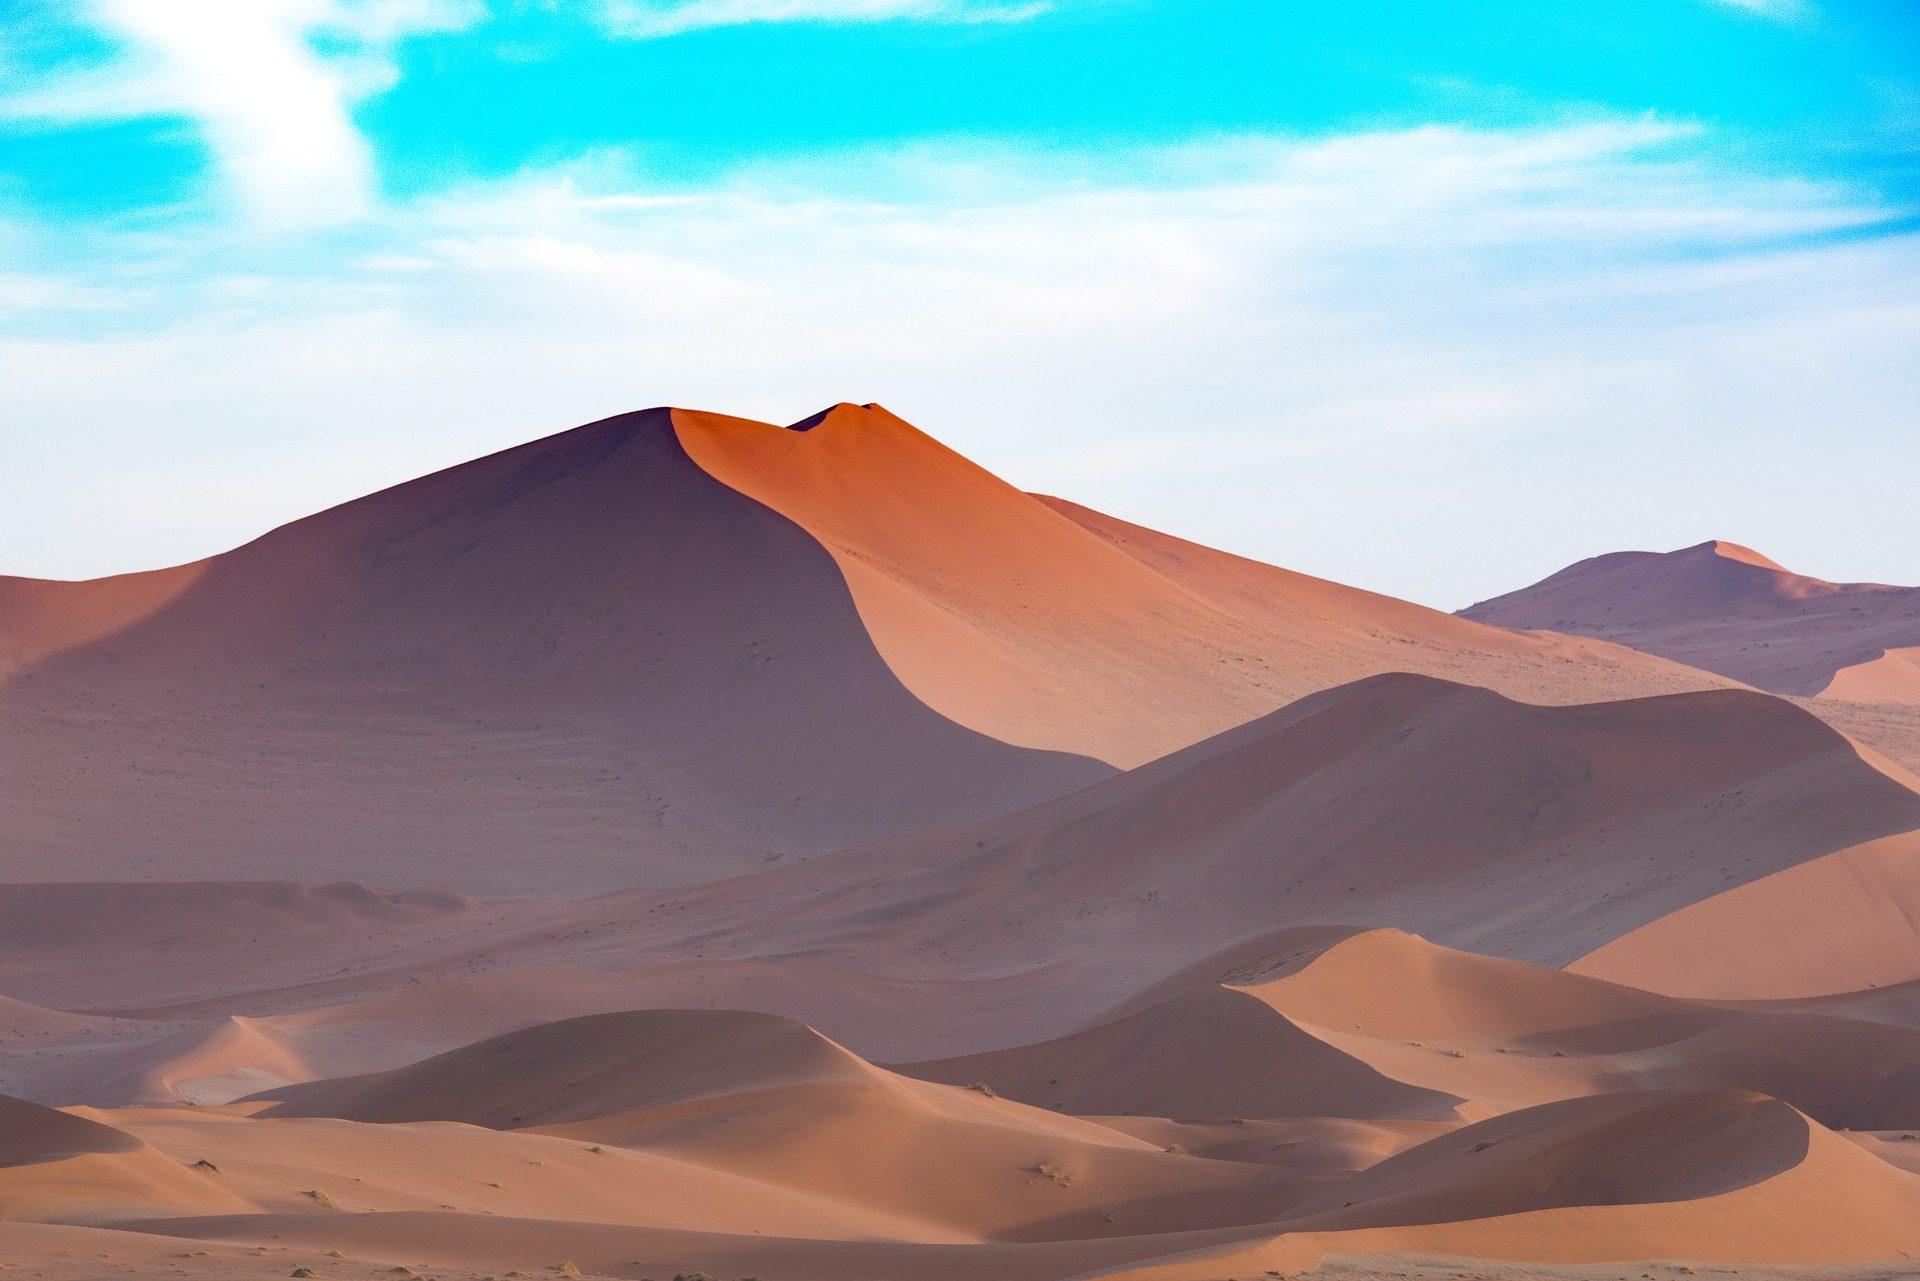 砂漠, 砂, ソレダ, 干ばつ, 空, ナミビア - HD の壁紙 - 教授-falken.com